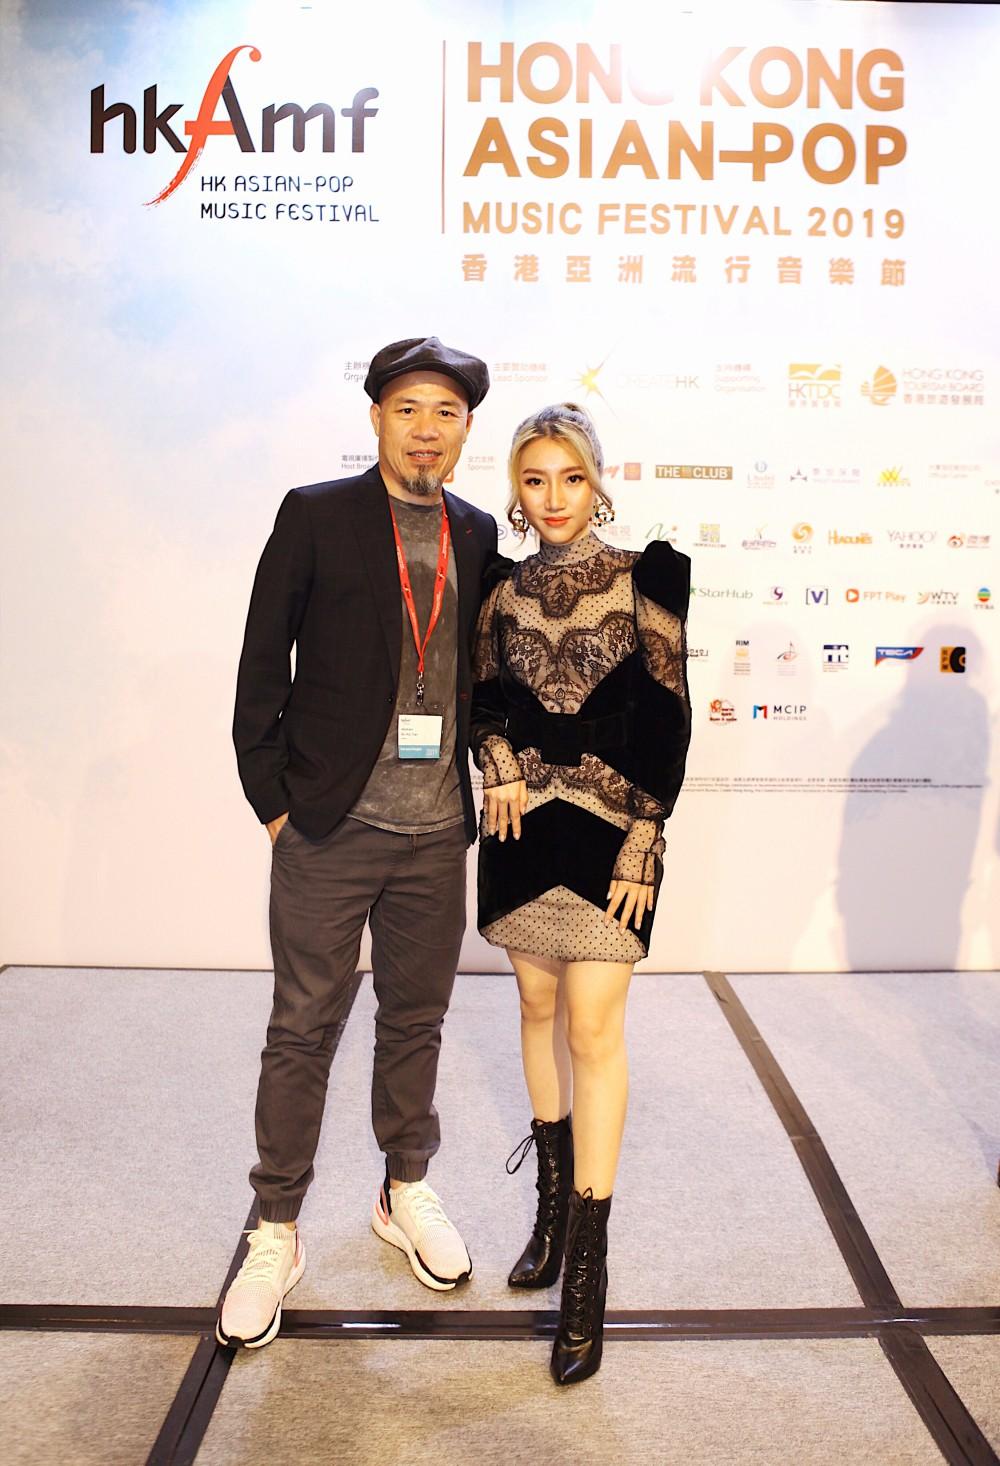 """Sau Noo Phước Thịnh, Orange tiếp tục đại diện Việt Nam tham dự """"Hong Kong Asian-Pop Music Festival"""" - Ảnh 4."""